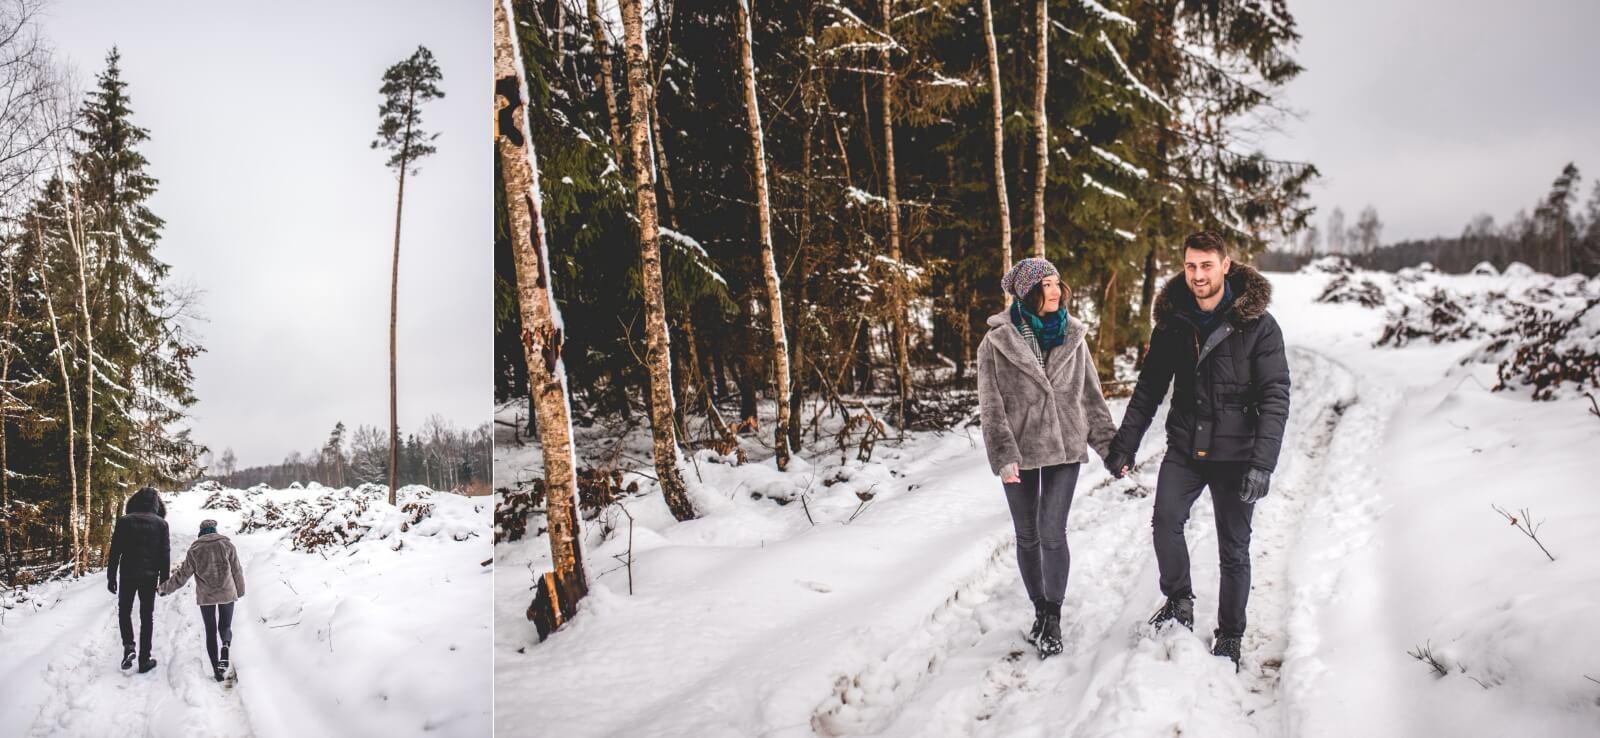 Sesja narzeczenska Anita i Adrian 10 01 2021 Marta Trzcinska Fotografia 66 side - Zimowa sesja narzeczeńska Anity i Adriana - Starogard Gdański